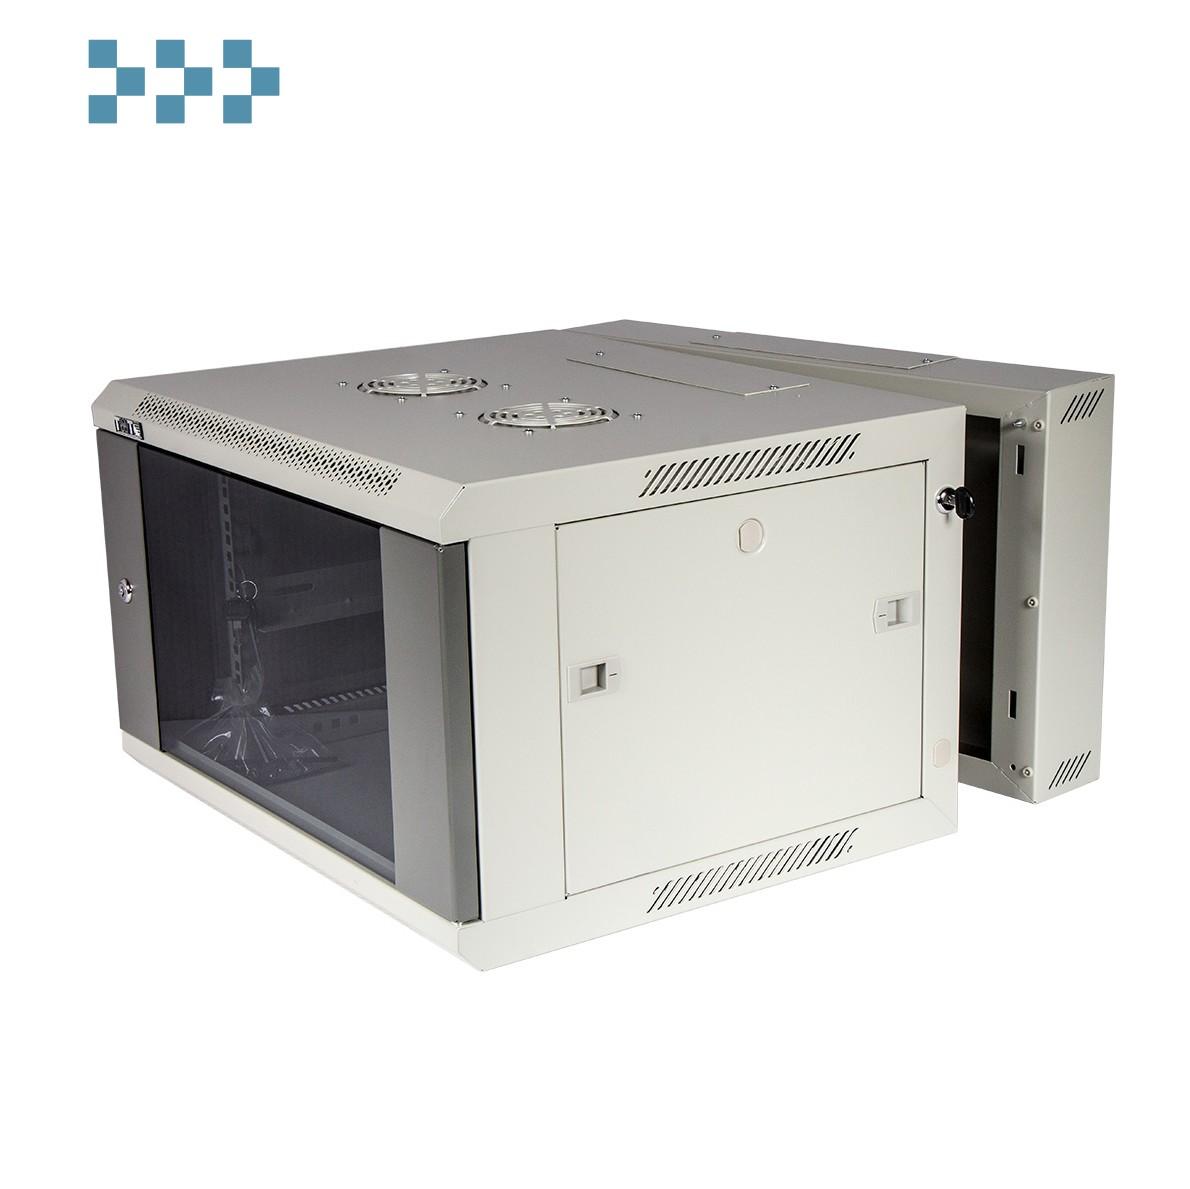 Шкаф настенный серии Pro 3-секционный со стеклянной дверью TWT-CBW3G-27U-6×6-GY